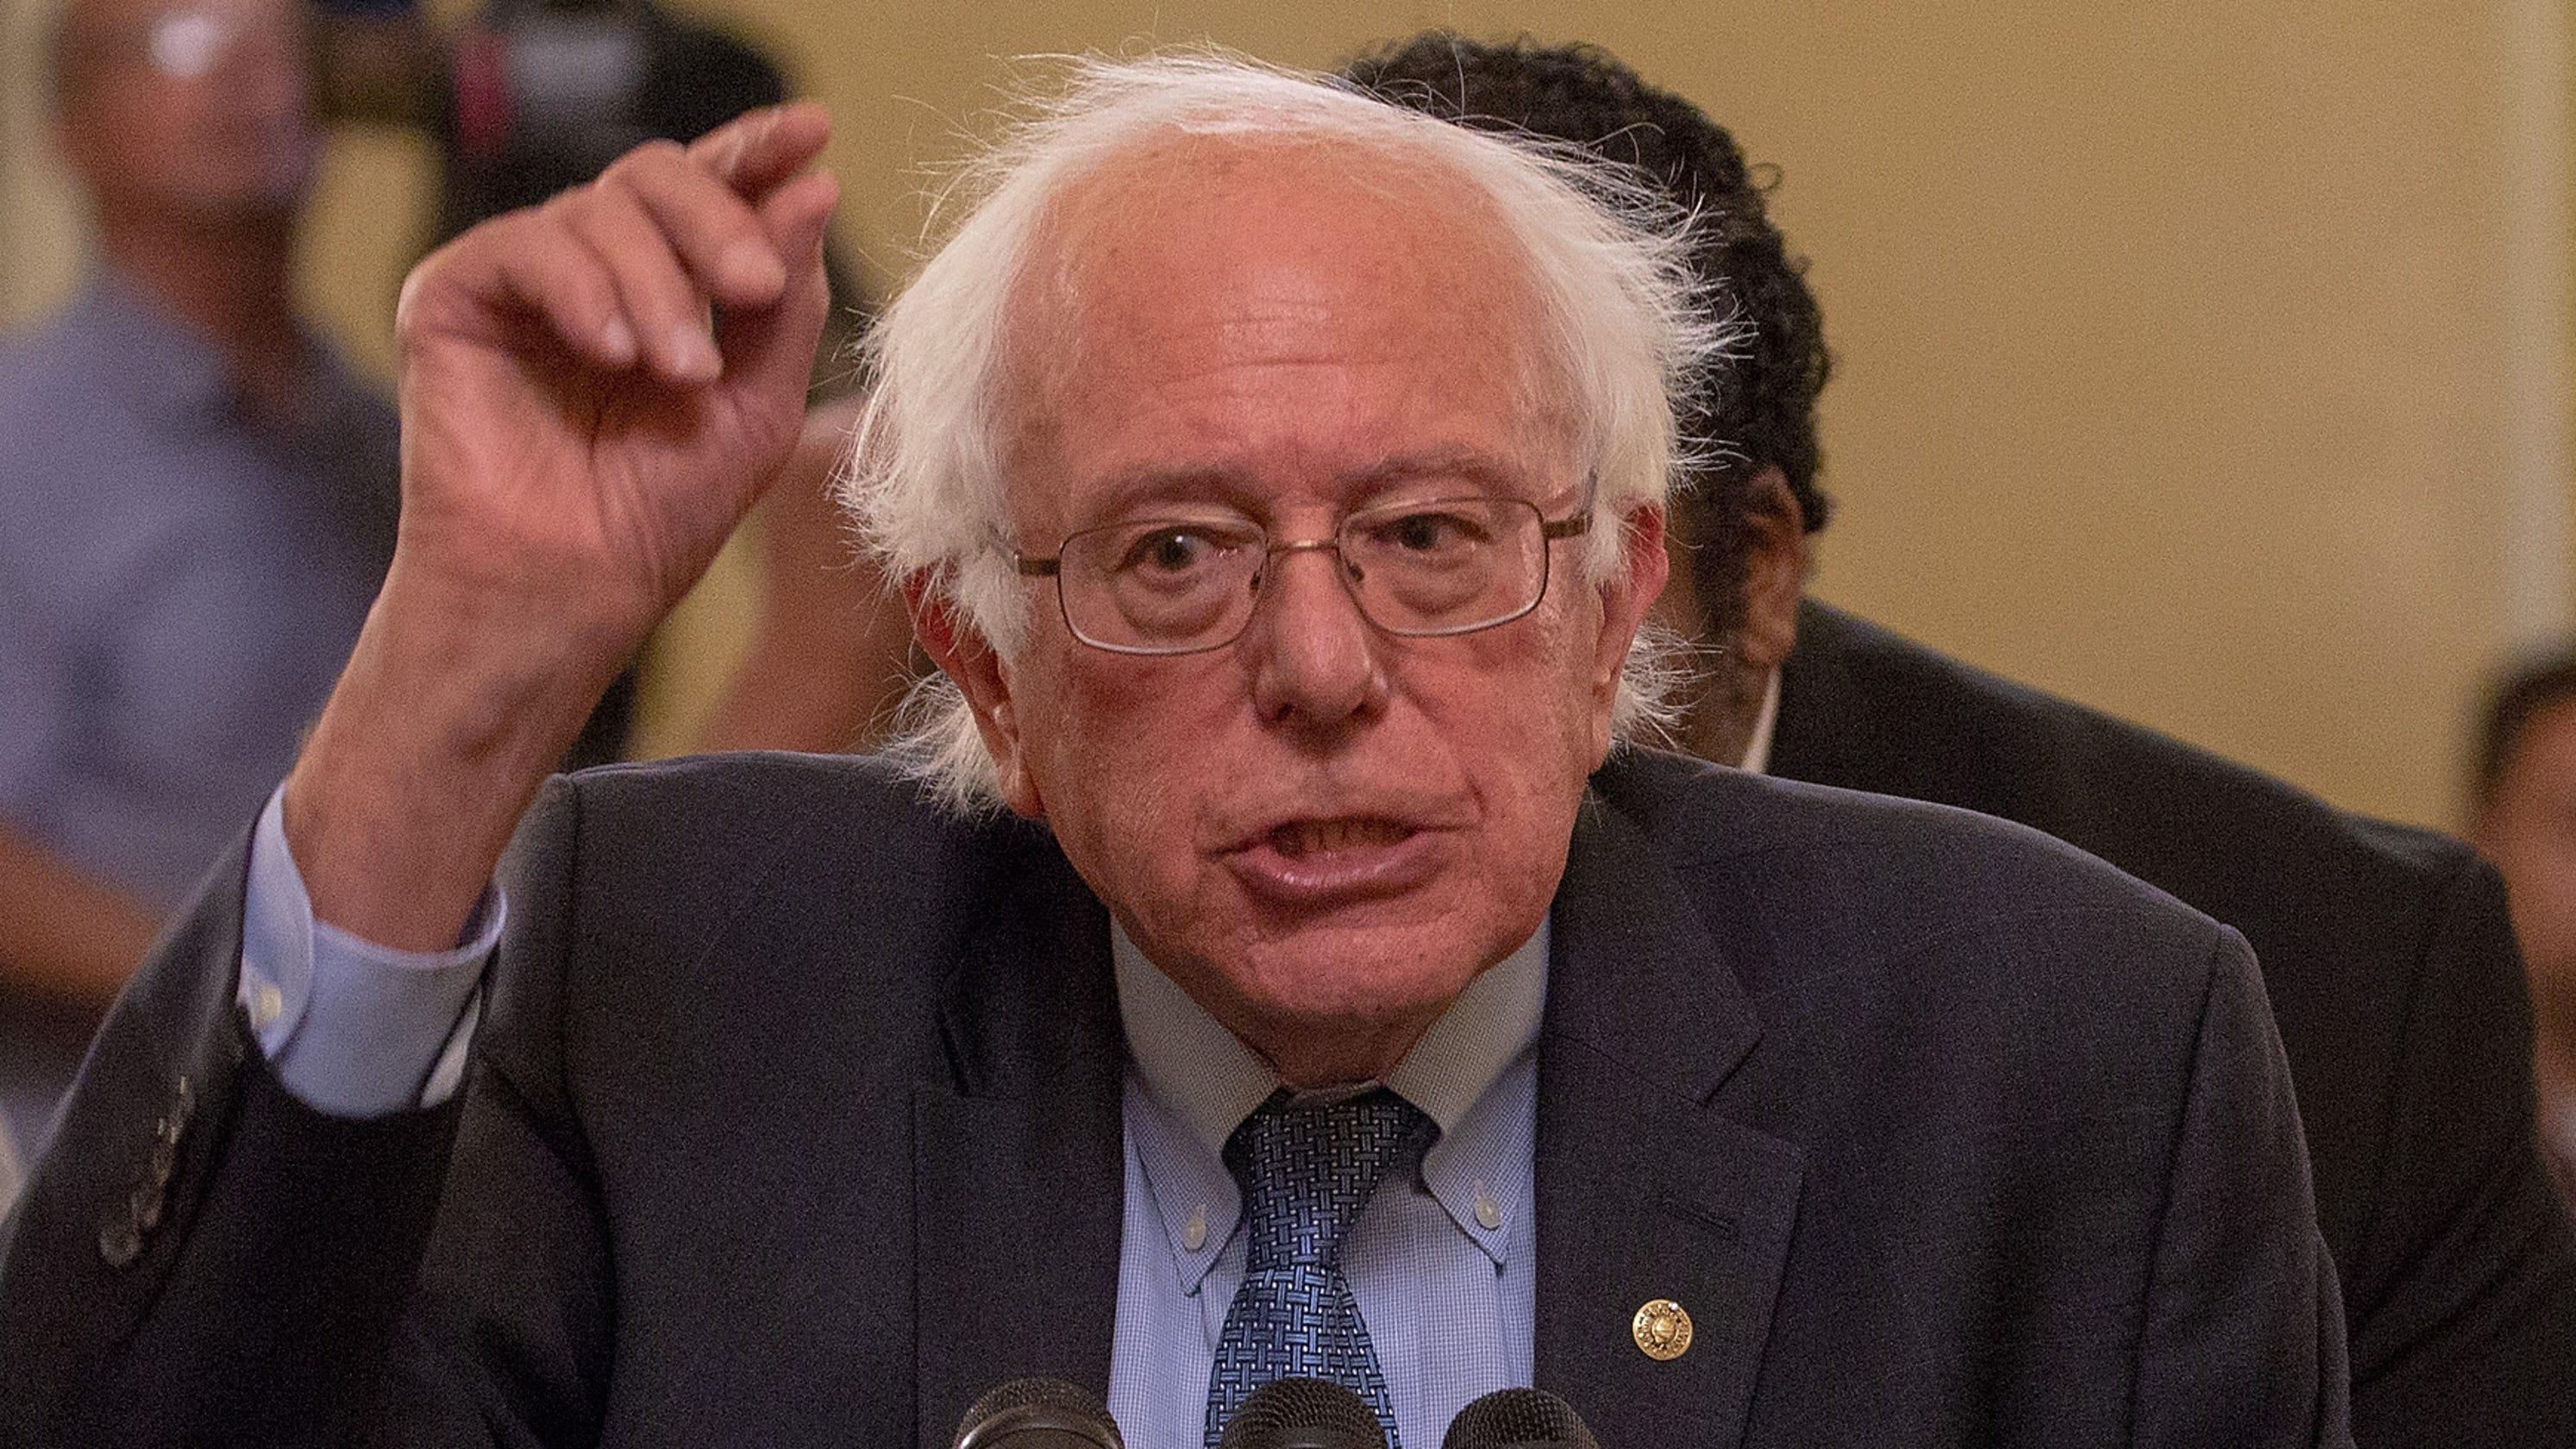 Bernie Sanders most popular senator in Morning Consult poll